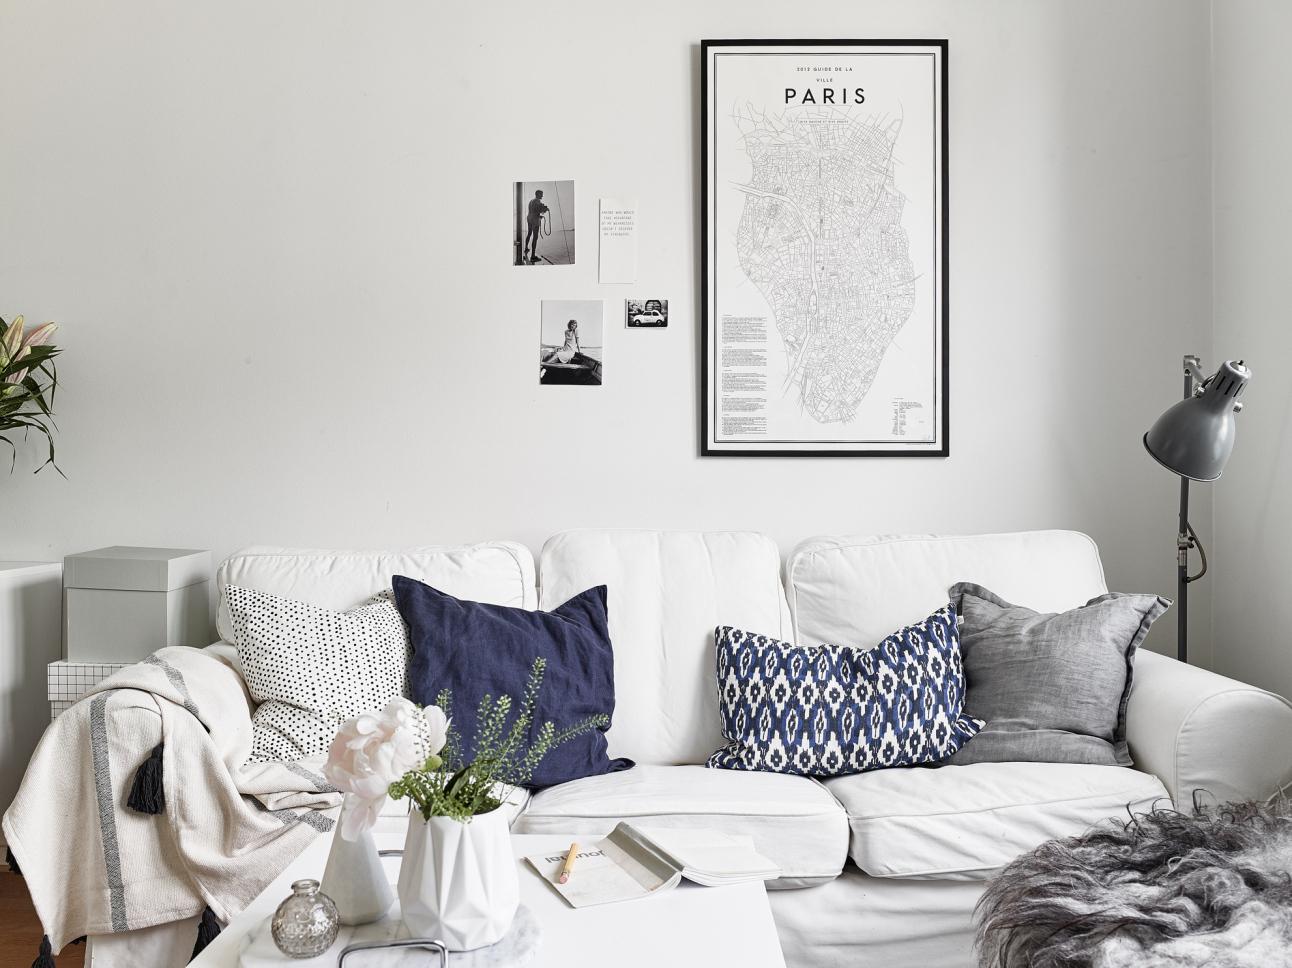 Kleine Wohnung - was nun? | Sweet Home